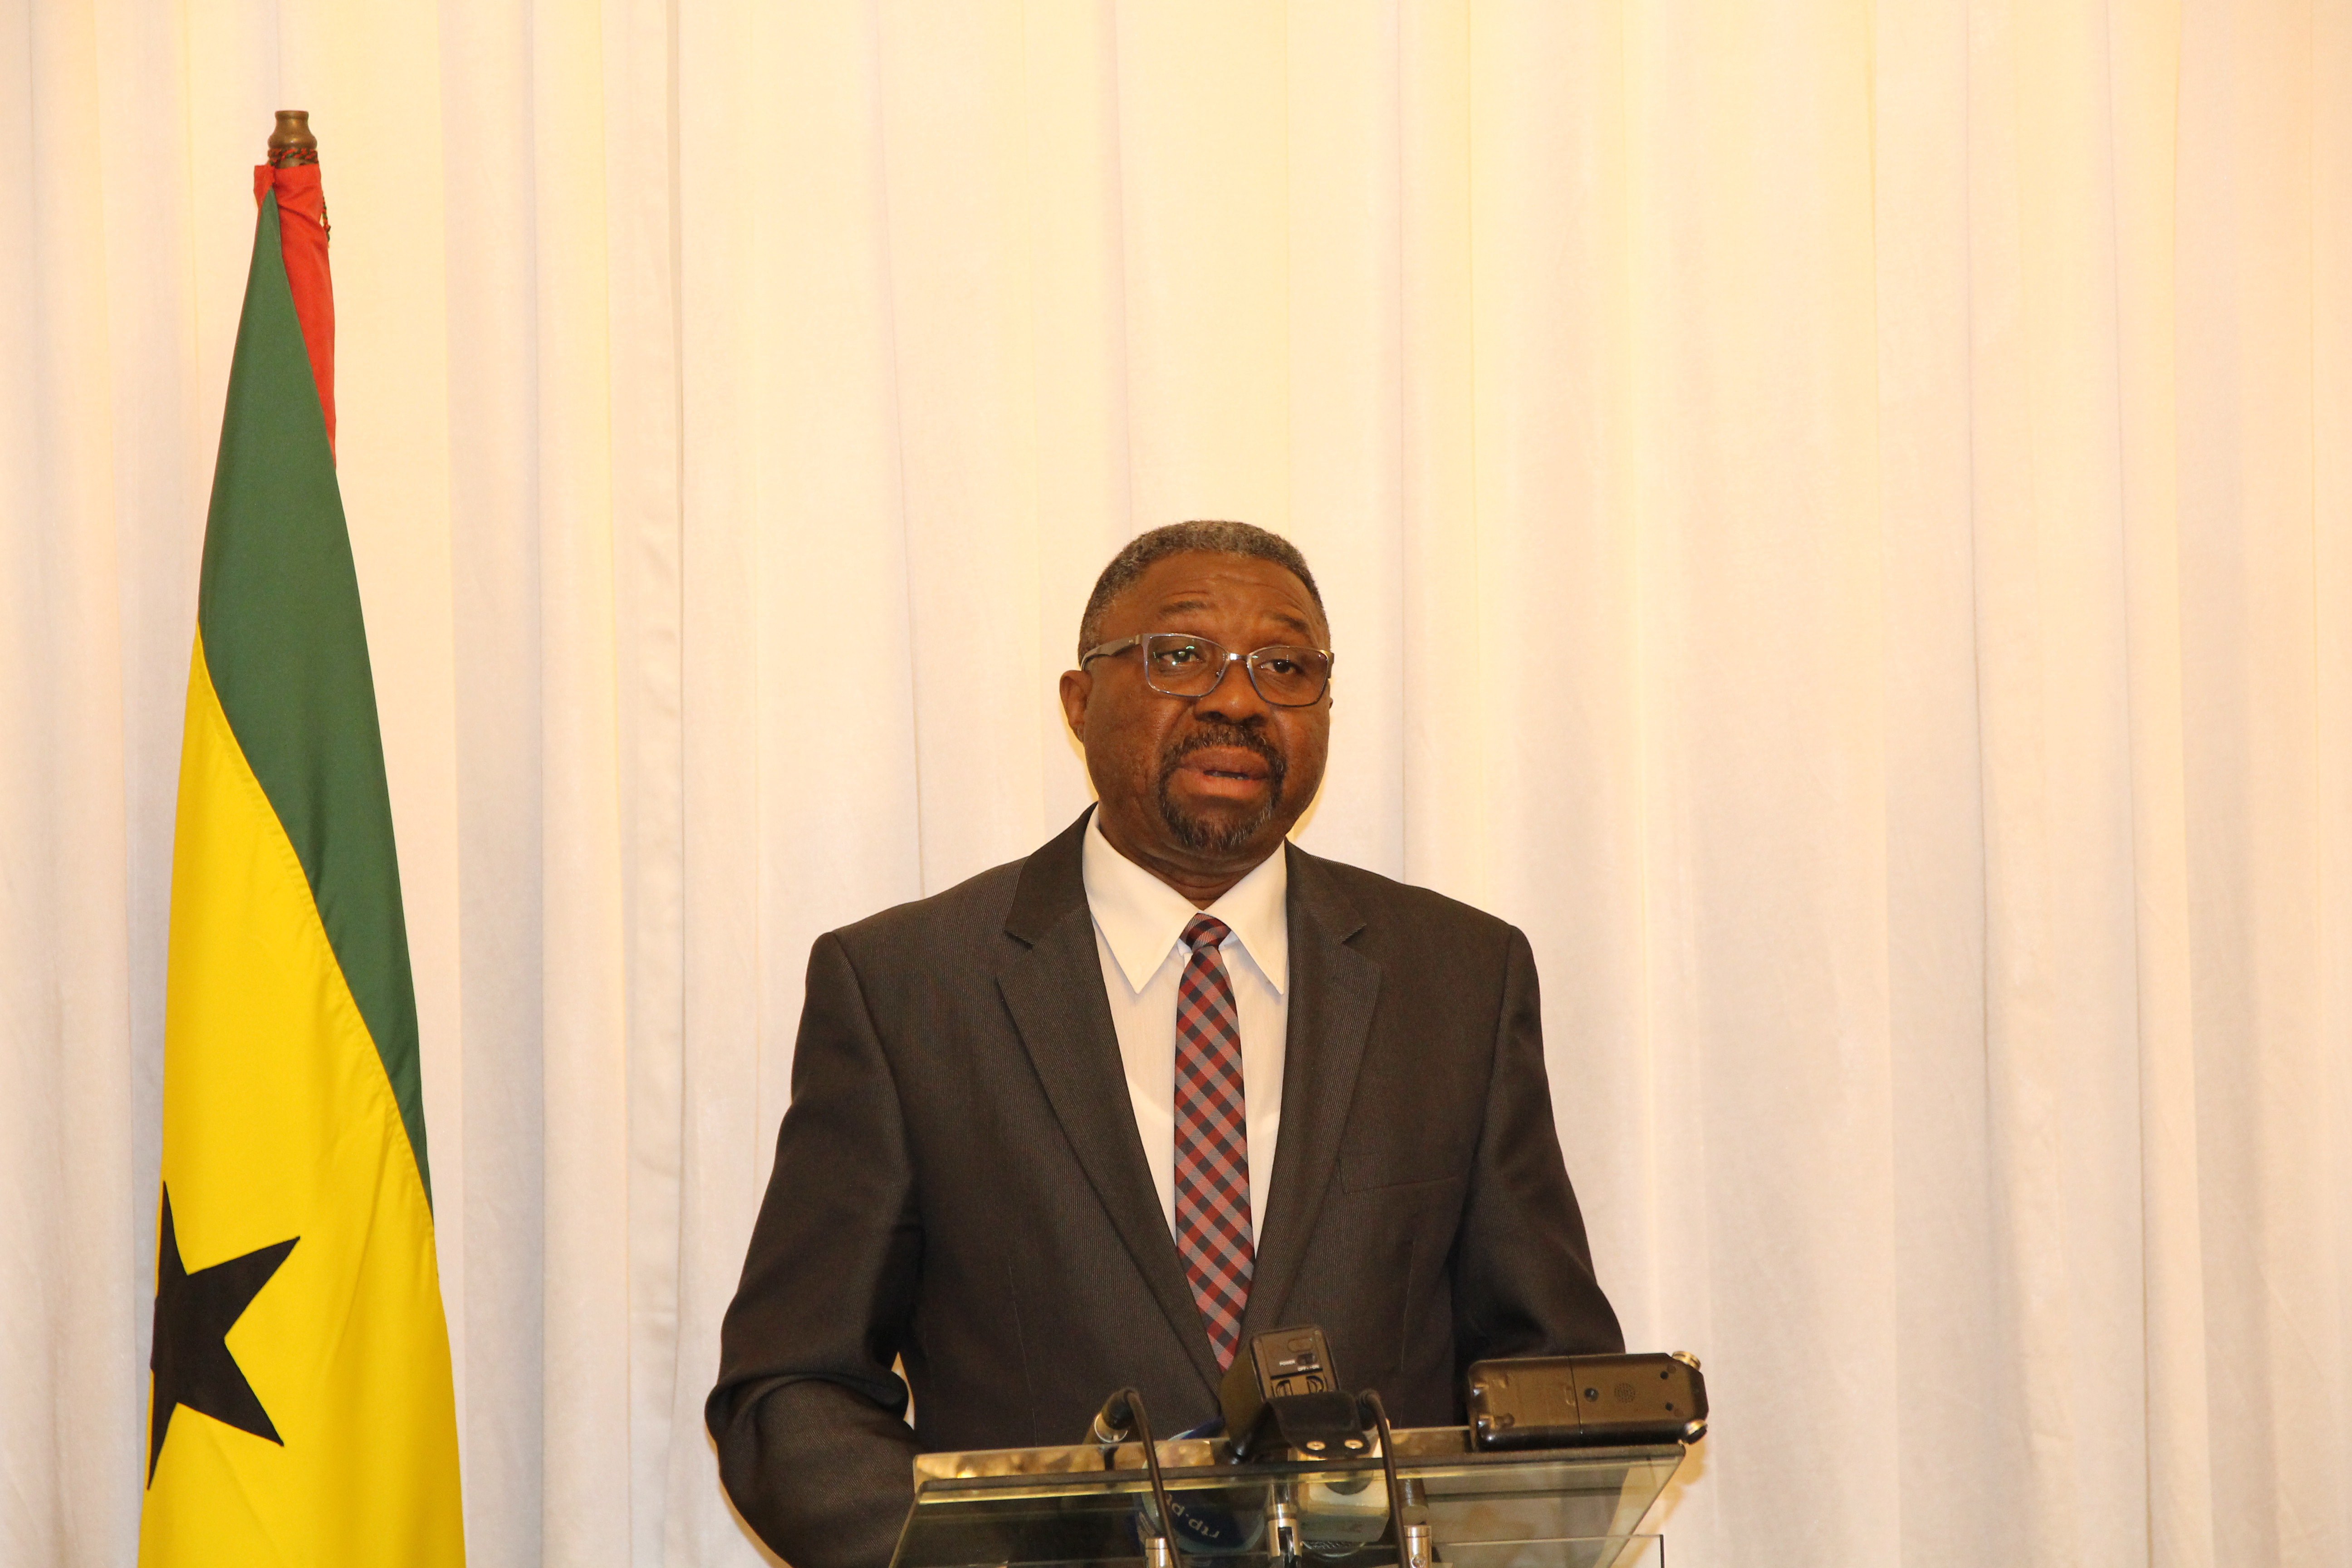 Primeiro-ministro, Jorge Bom Jesus, anuncia as medidas de exceção